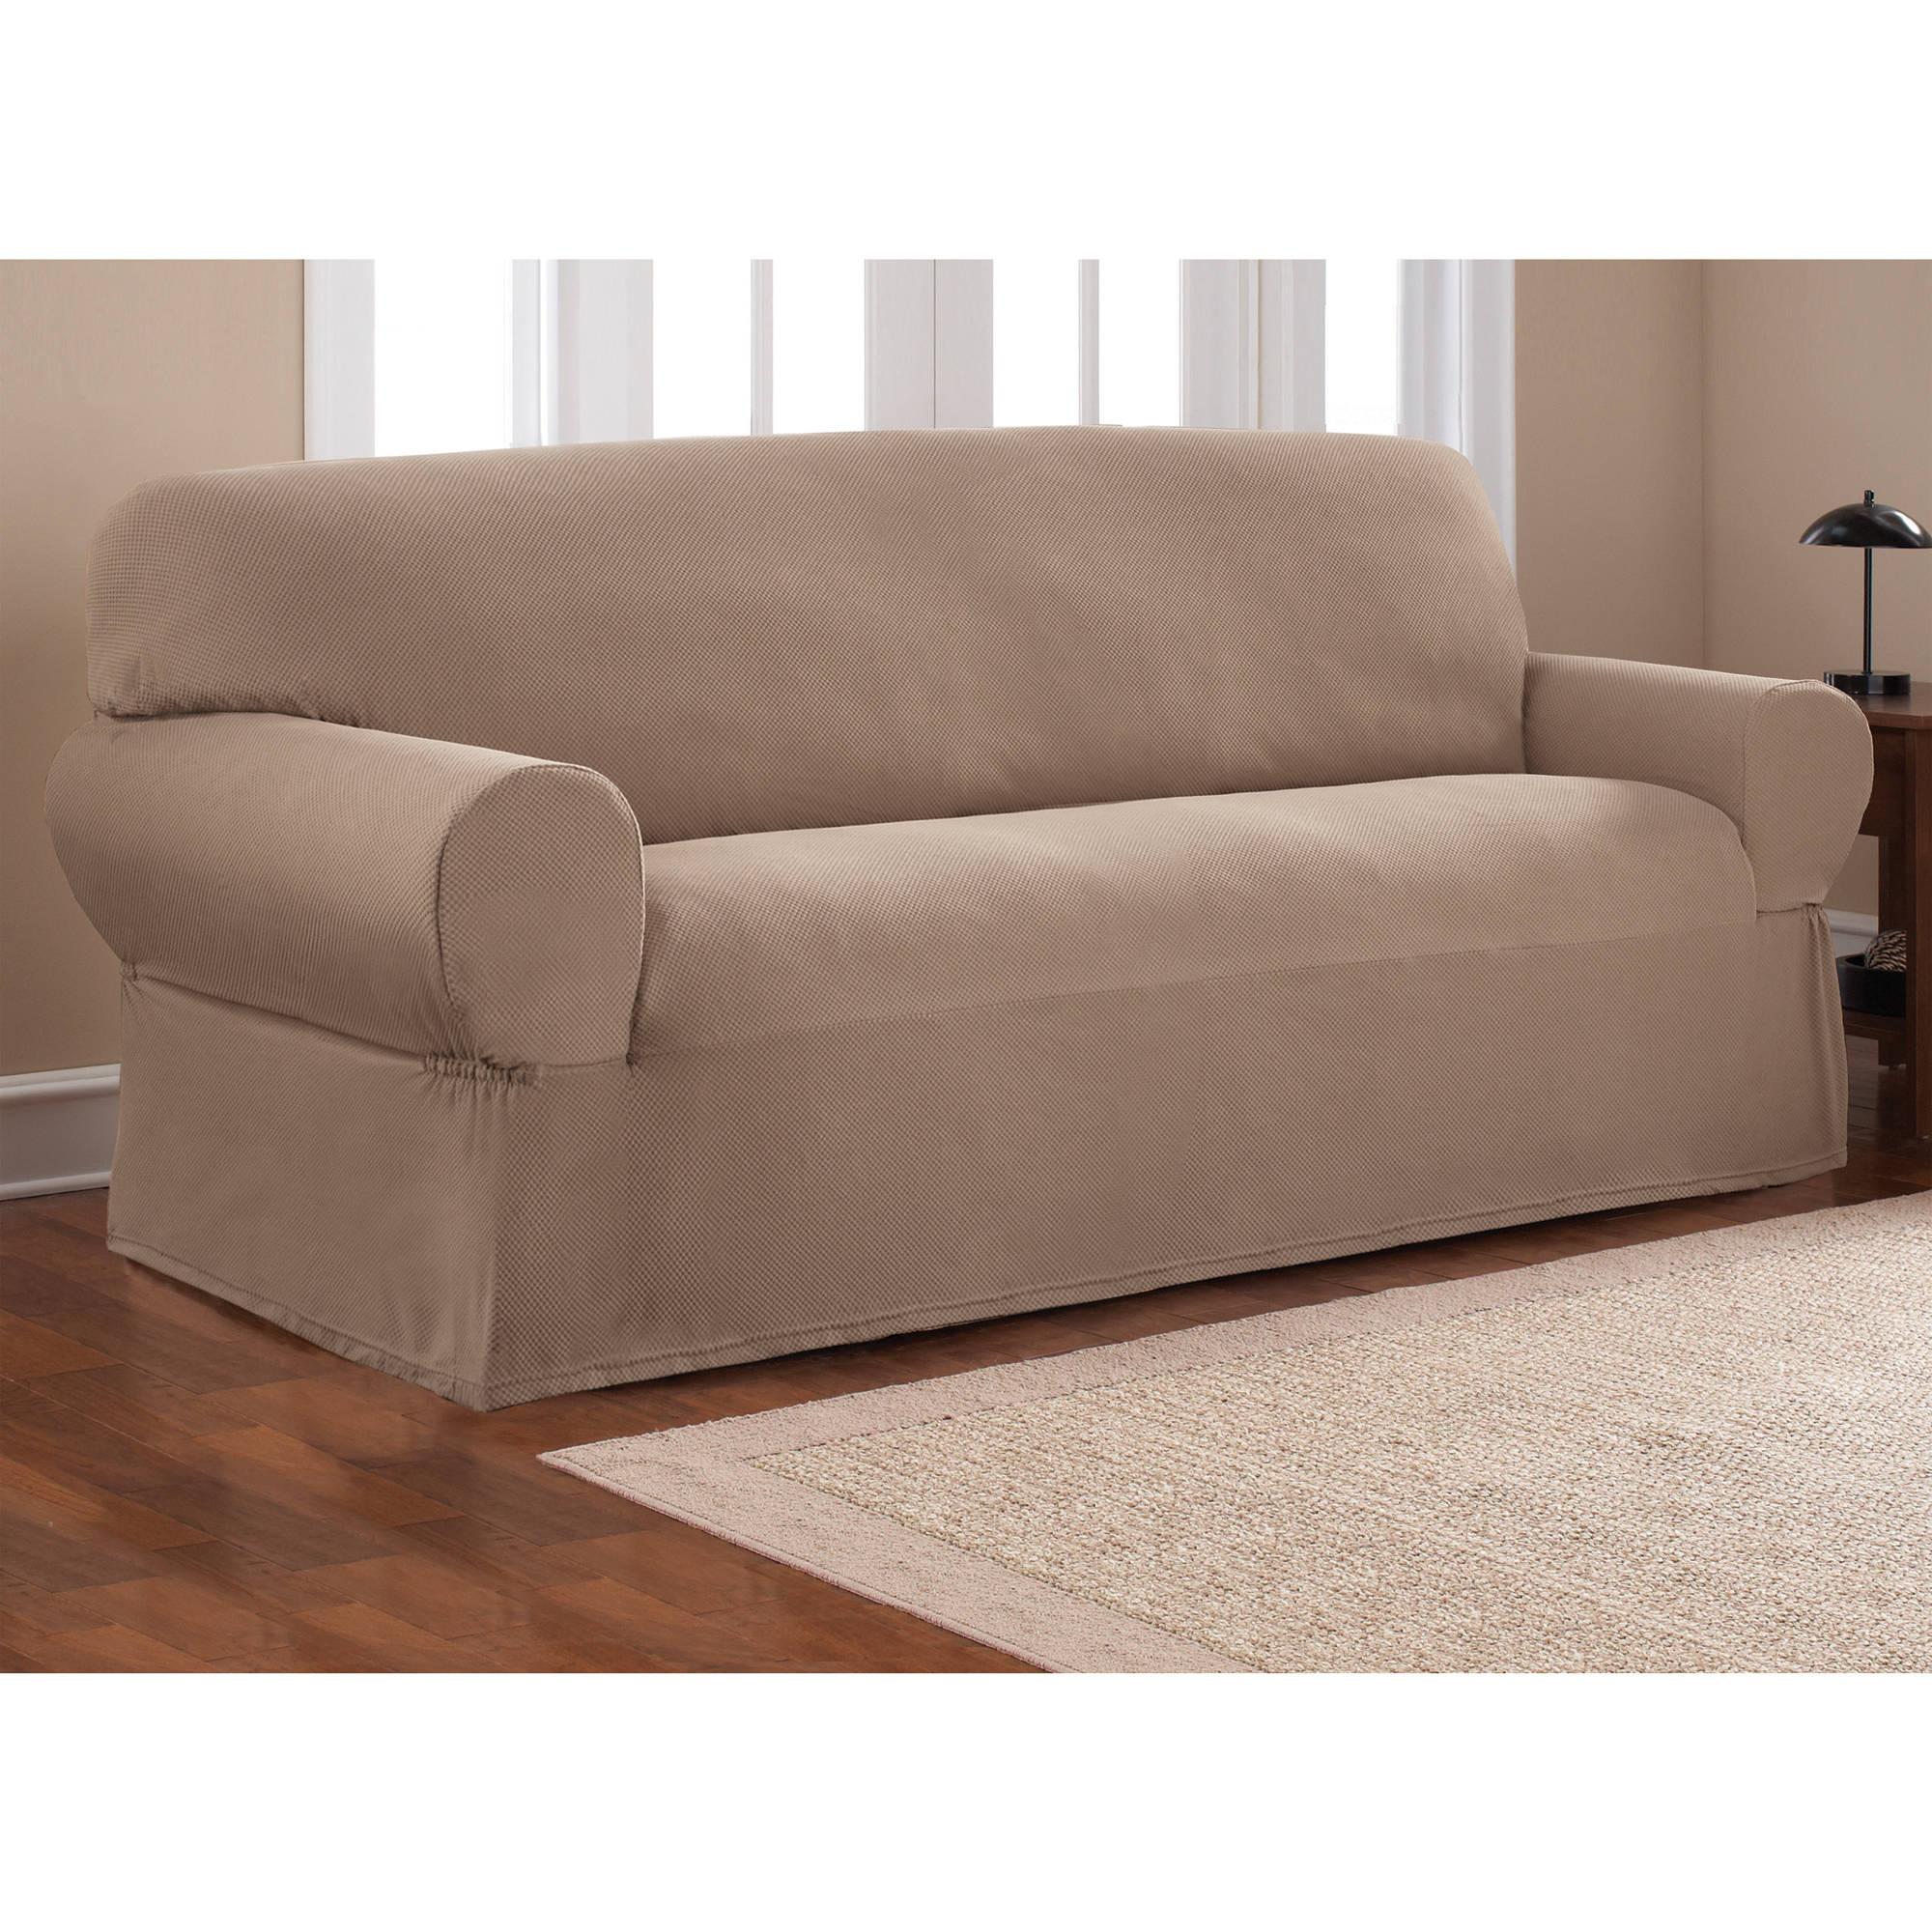 sofa cover mainstays 1-piece stretch fabric sofa slipcover - walmart.com BUQSDKZ